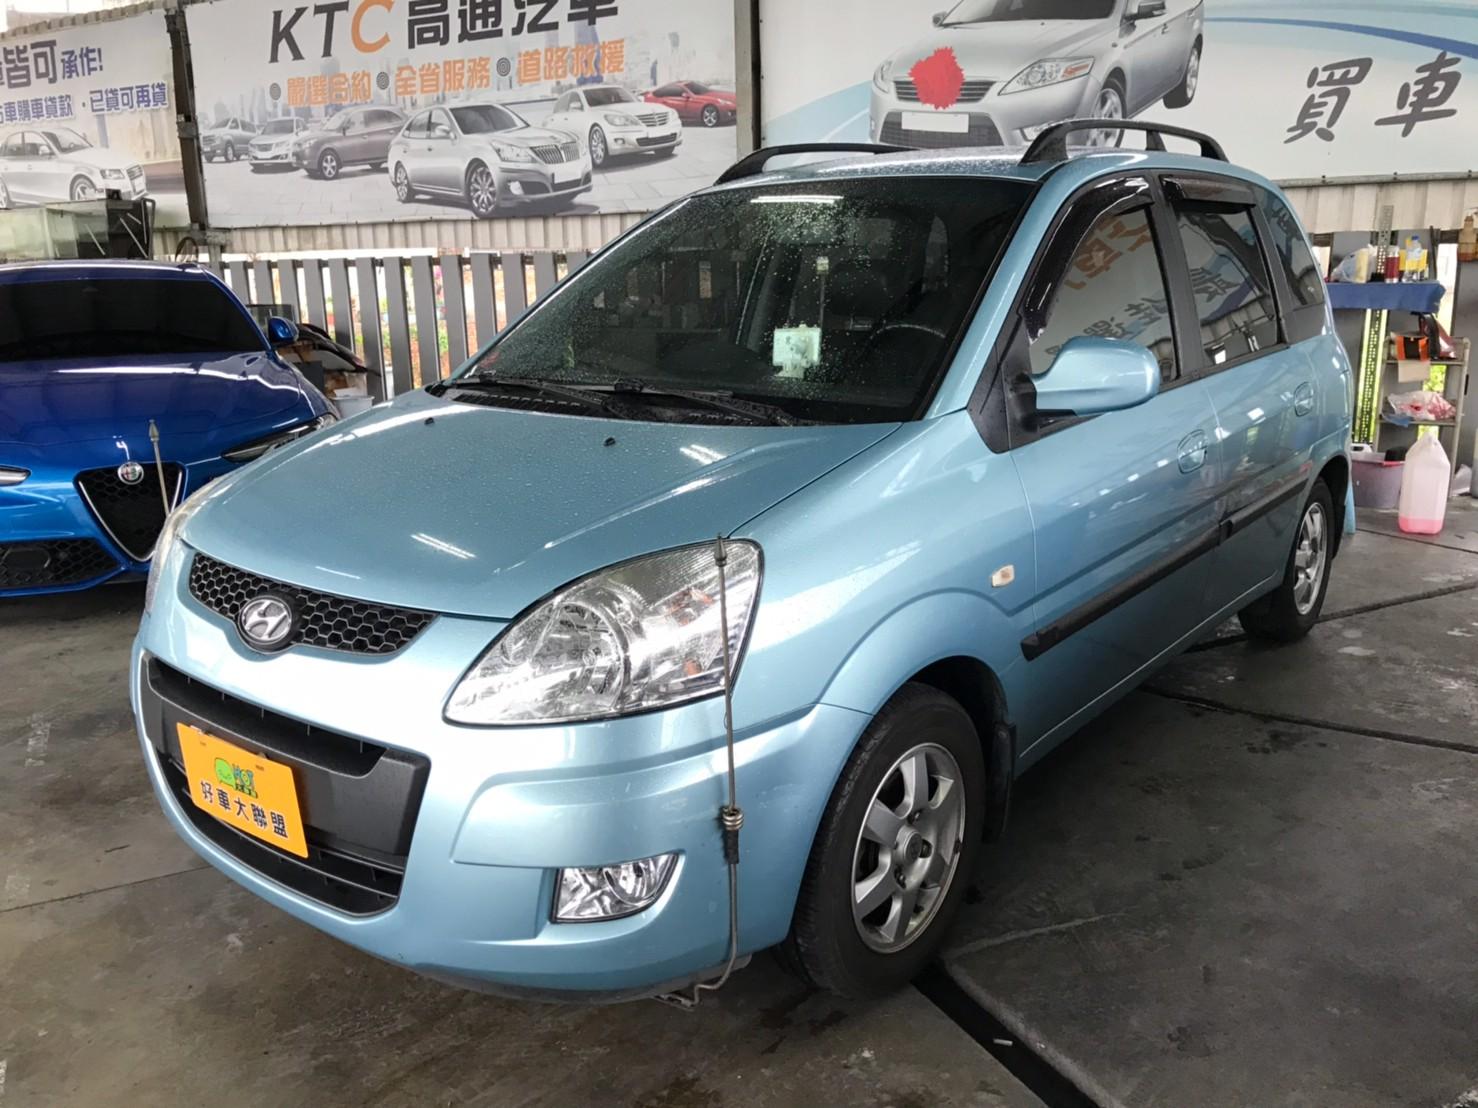 2010 Hyundai 現代 Lavita